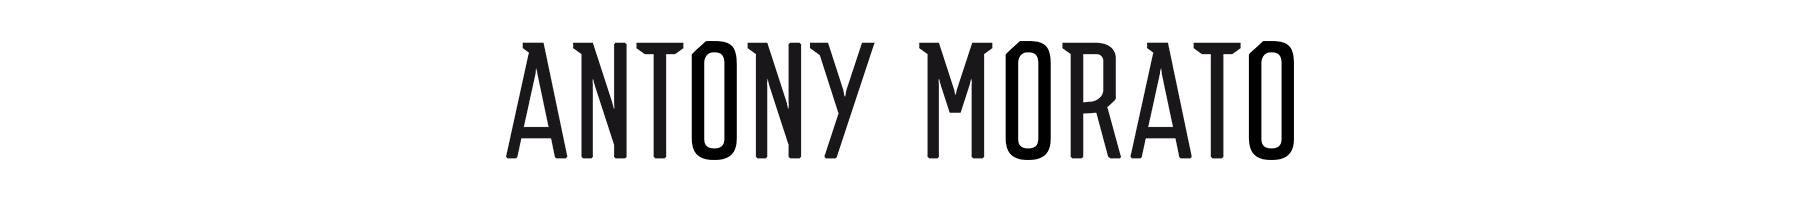 DrJays.com - Antony Morato